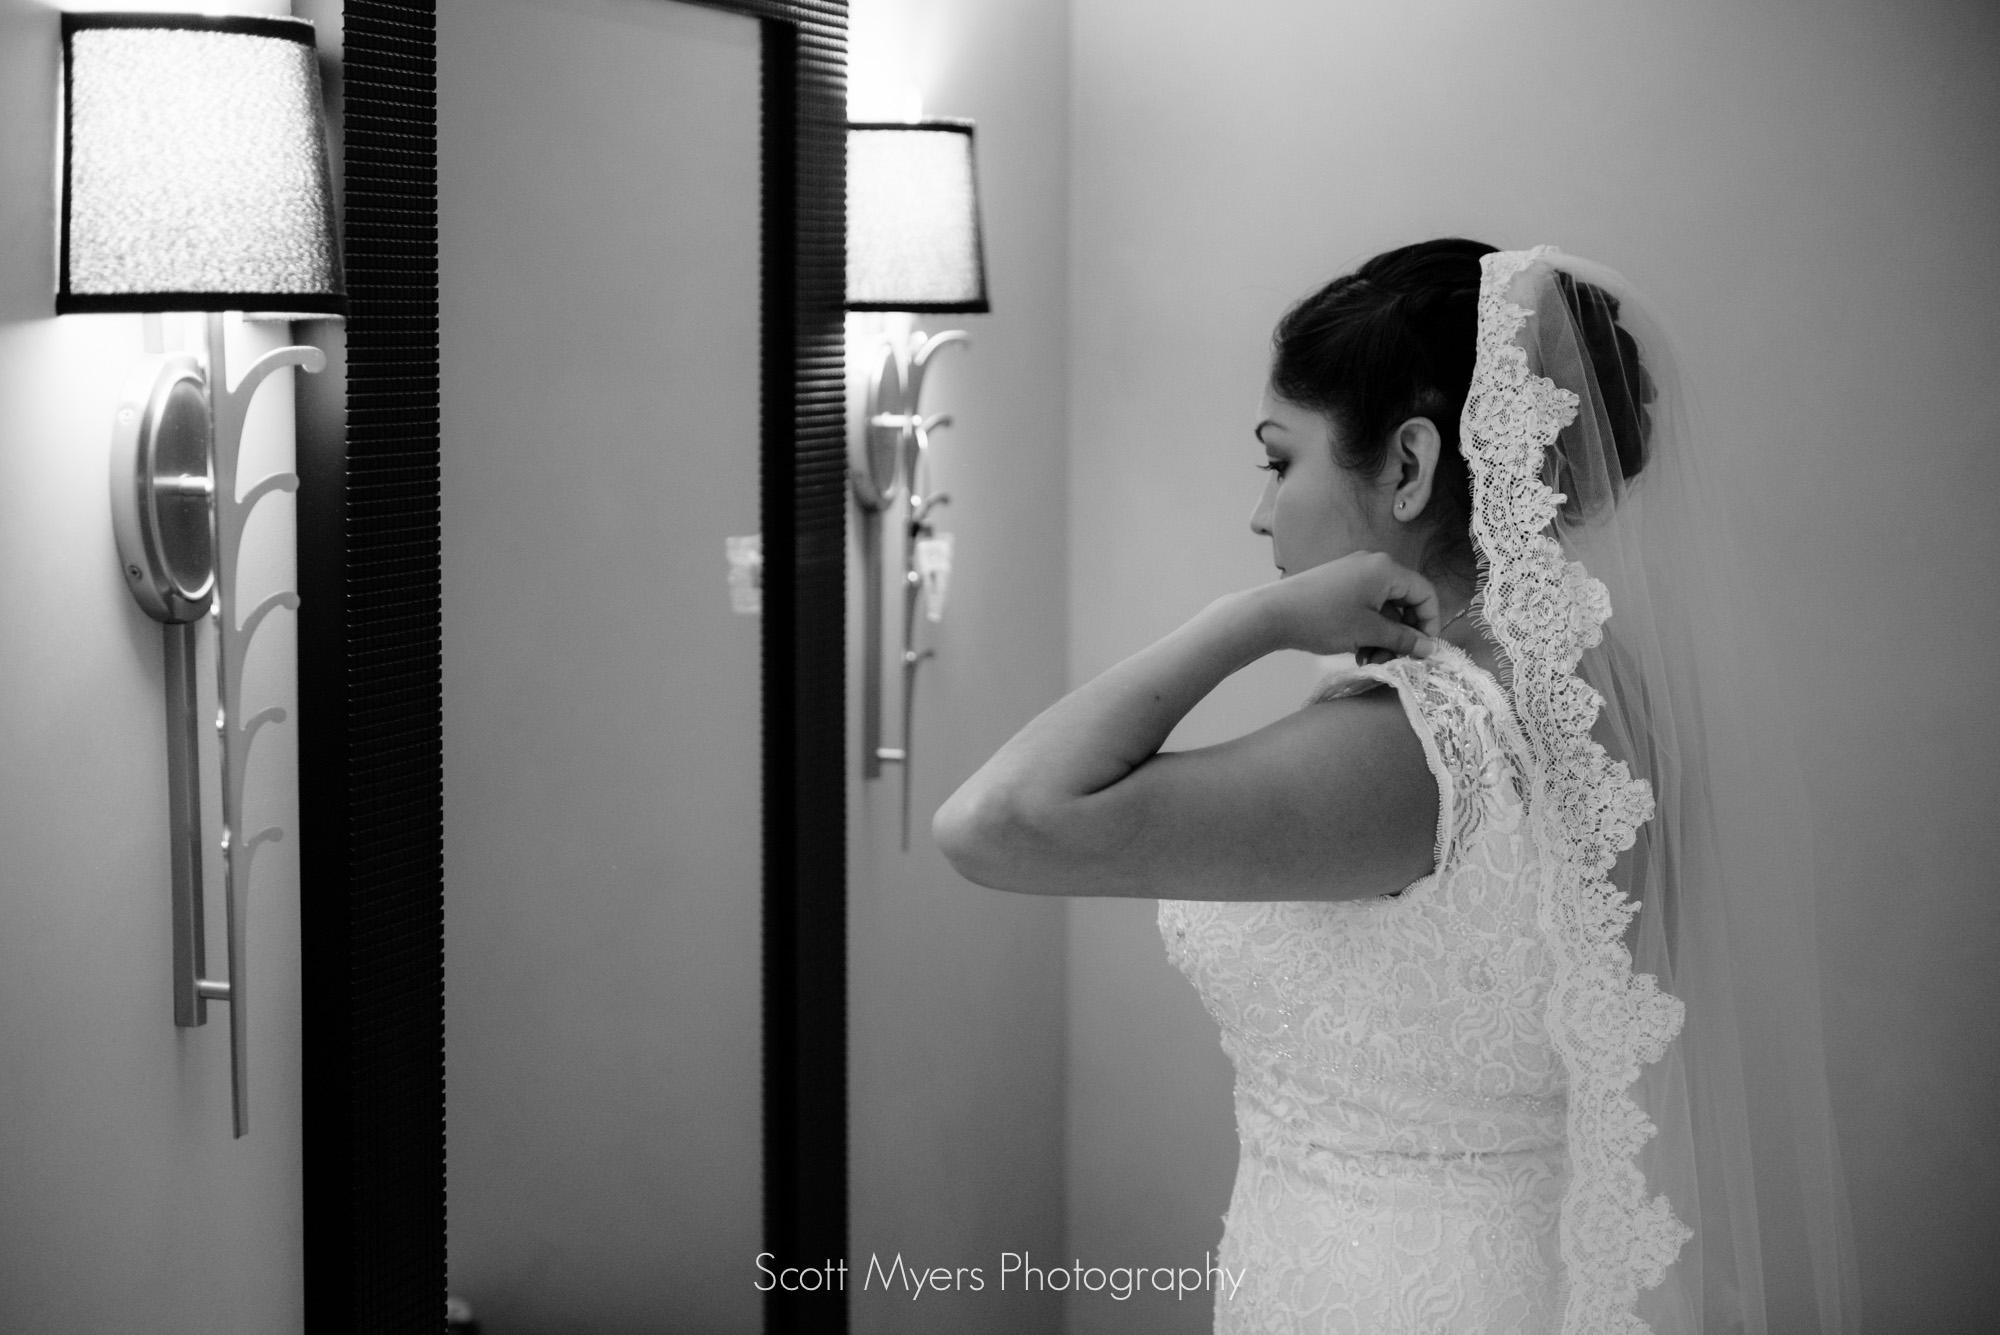 Scott_Myers_Wedding_New_Orleans_007.jpg